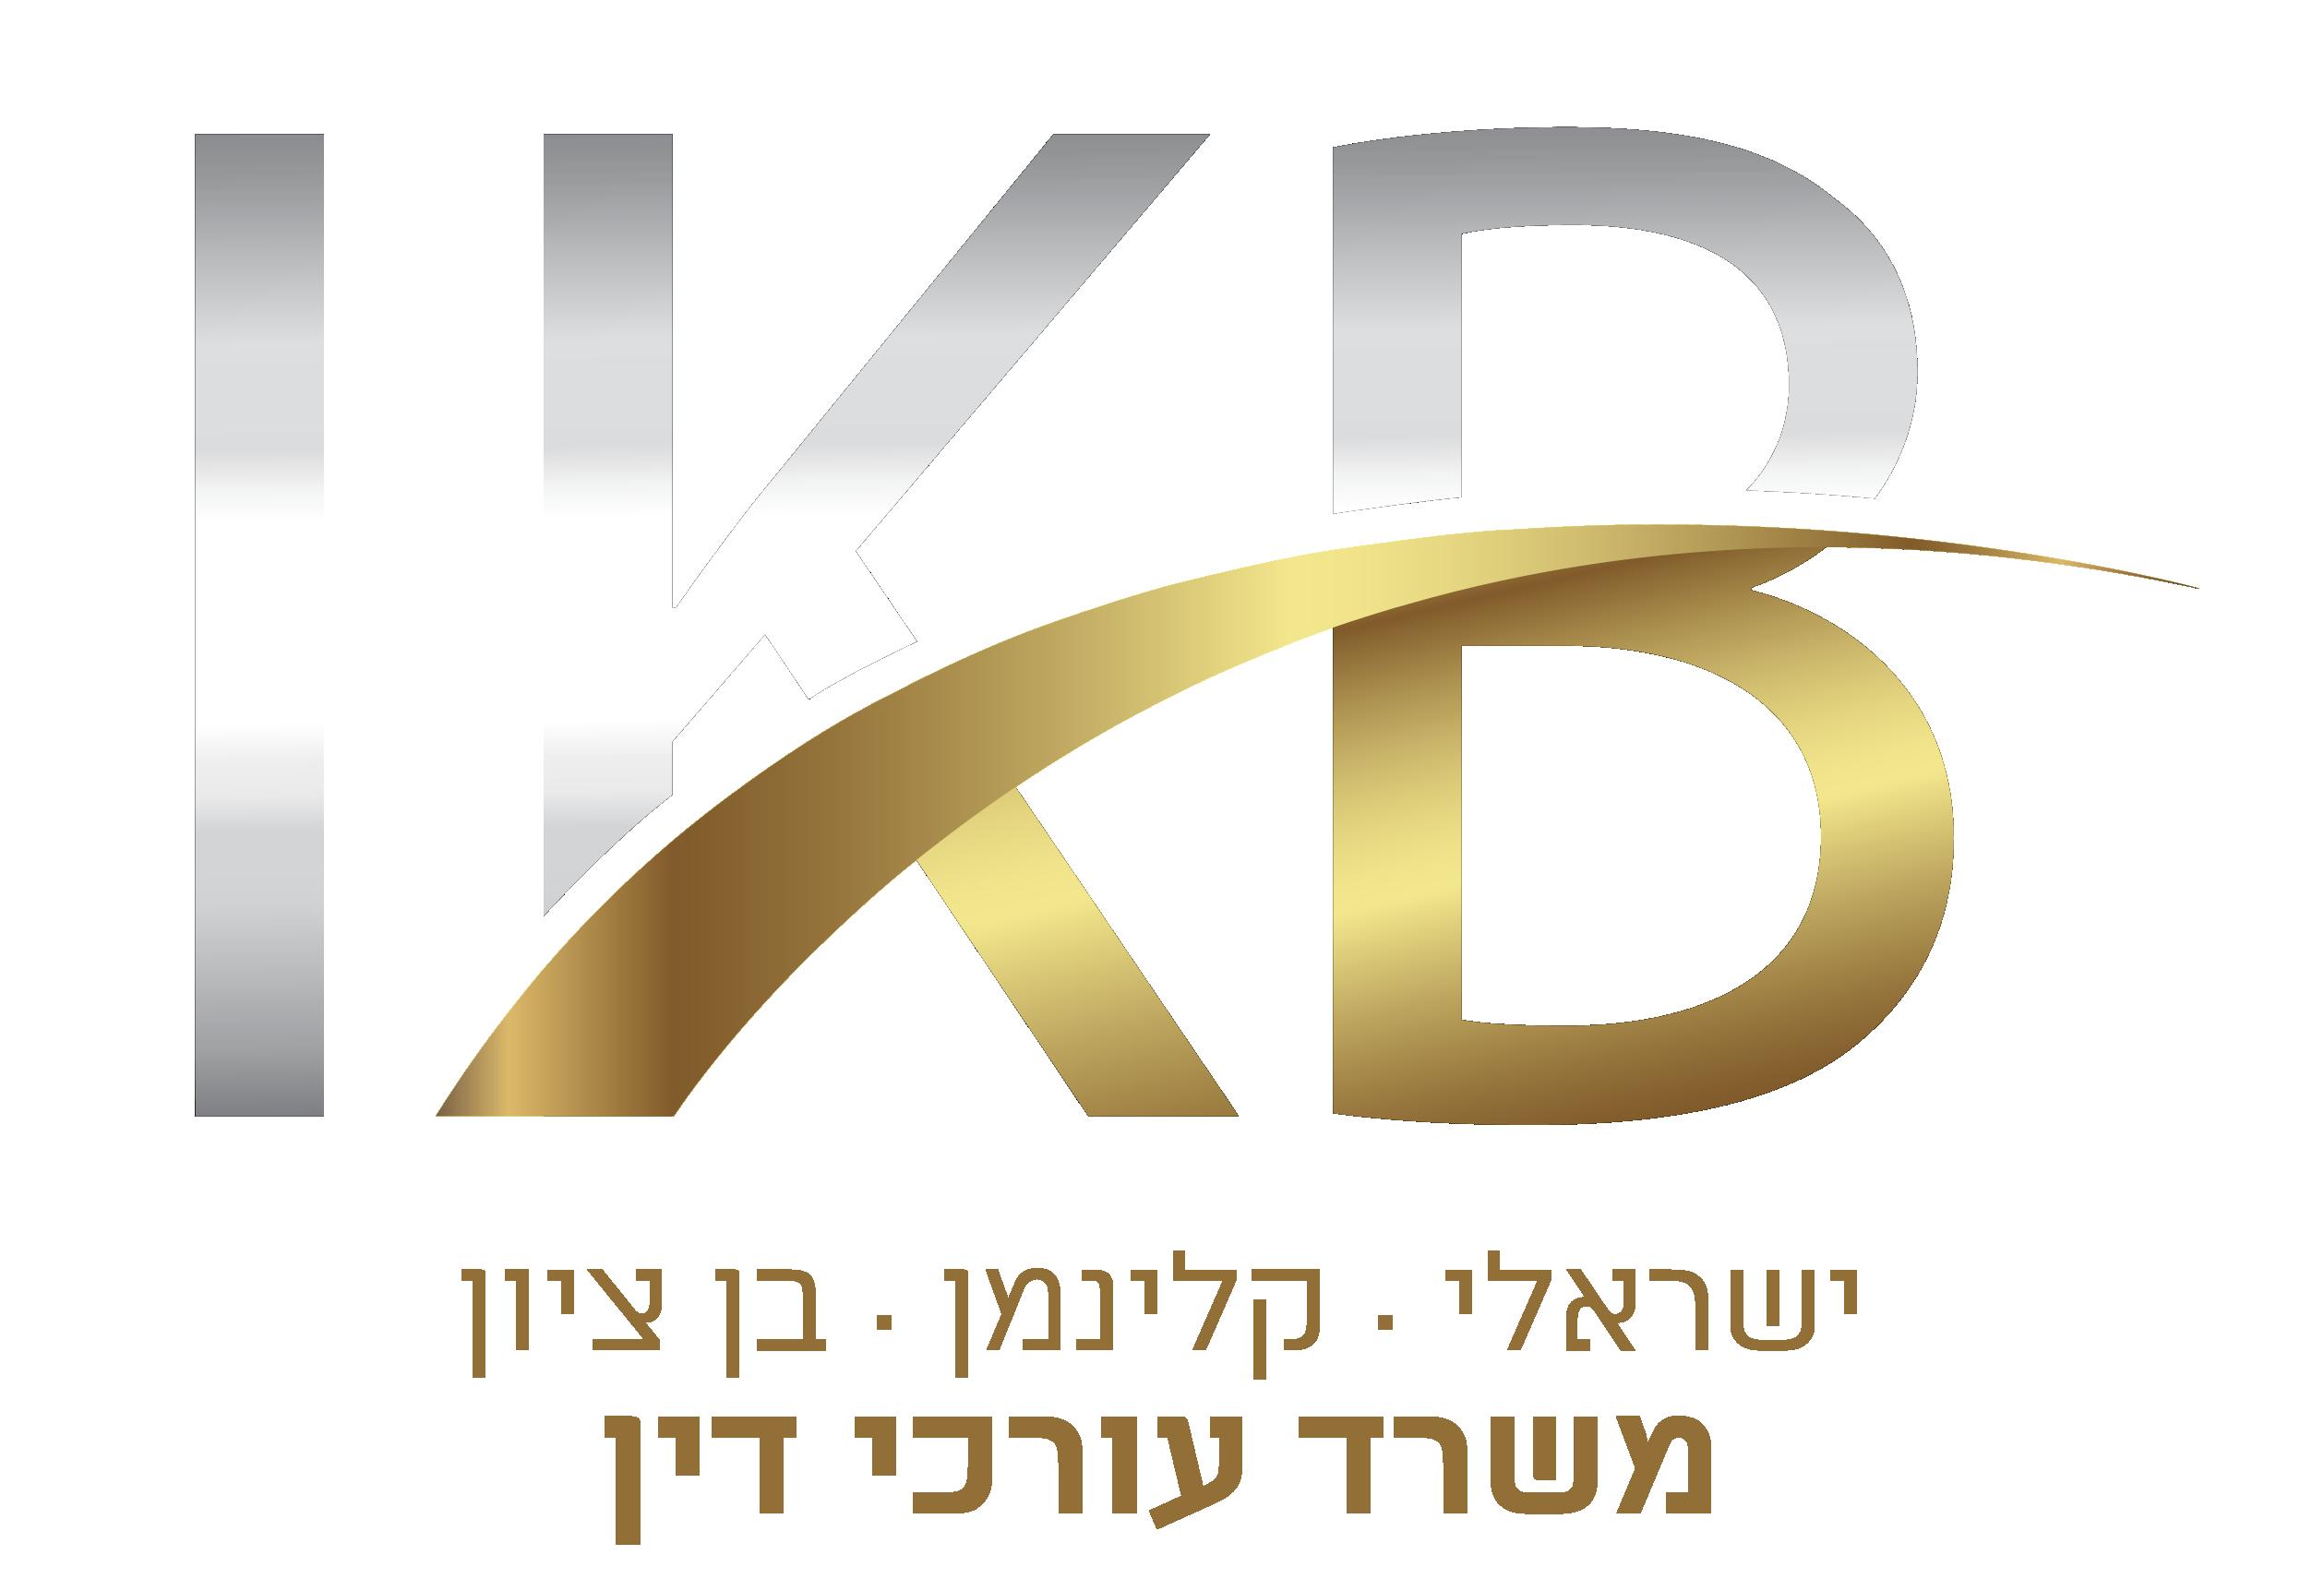 משרד עורכי דין ישראלי קלינמן בן ציון